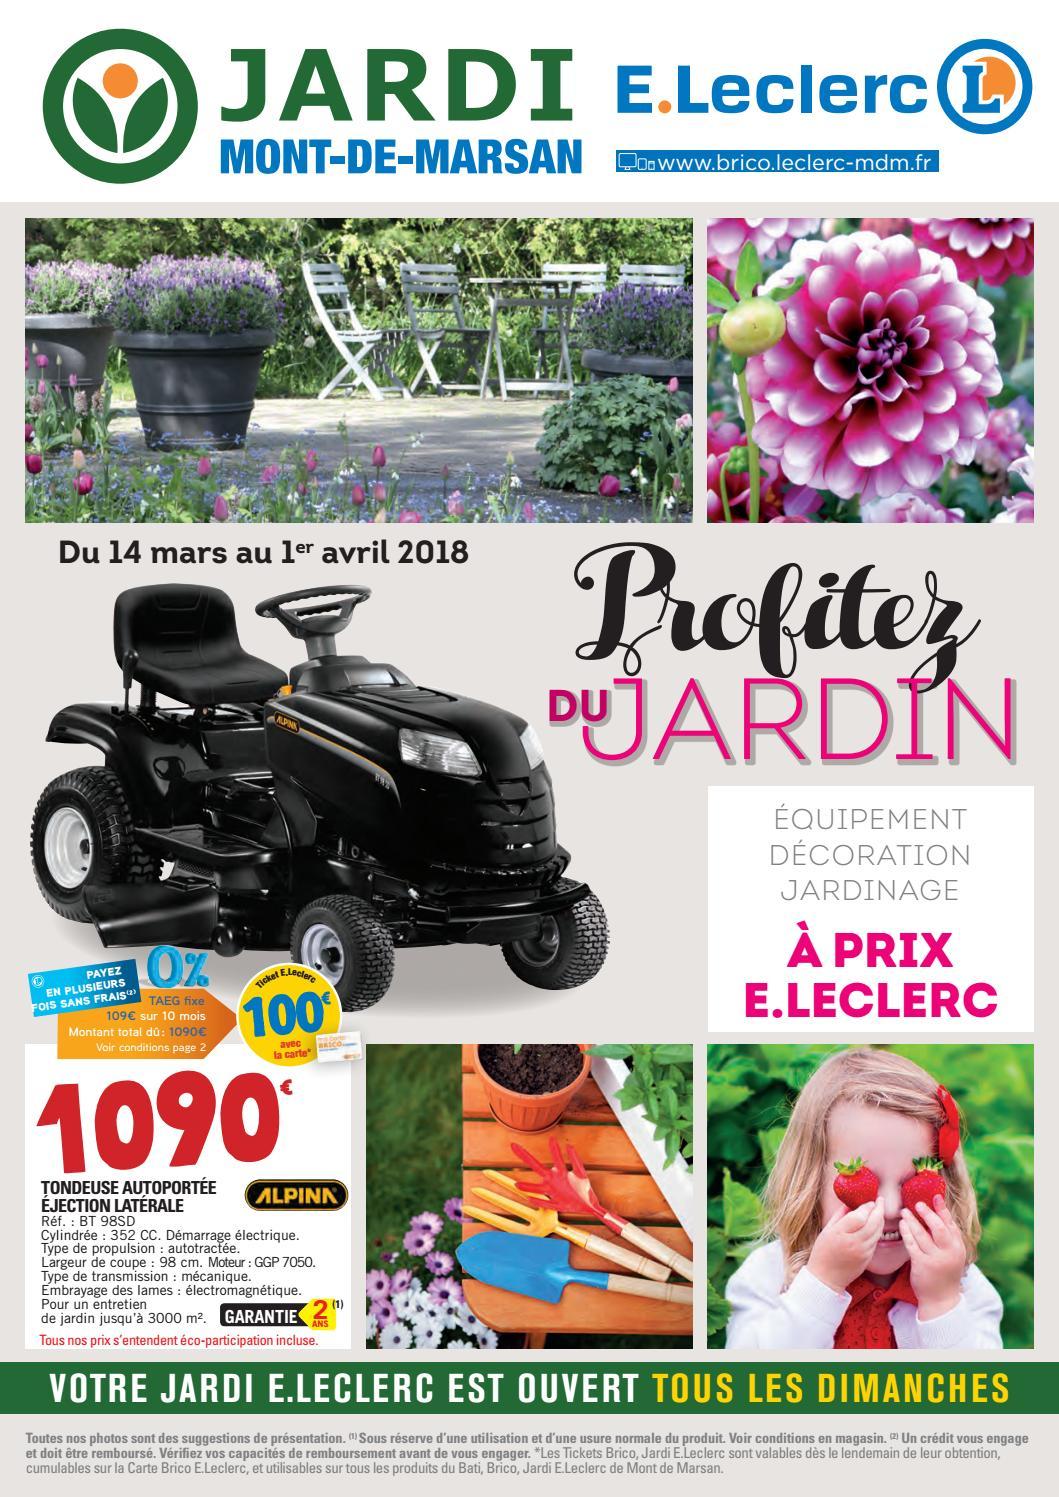 Catalogue Jardin - Jardi E.leclerc By Chou Magazine - Issuu dedans Salon De Jardin Brico Leclerc